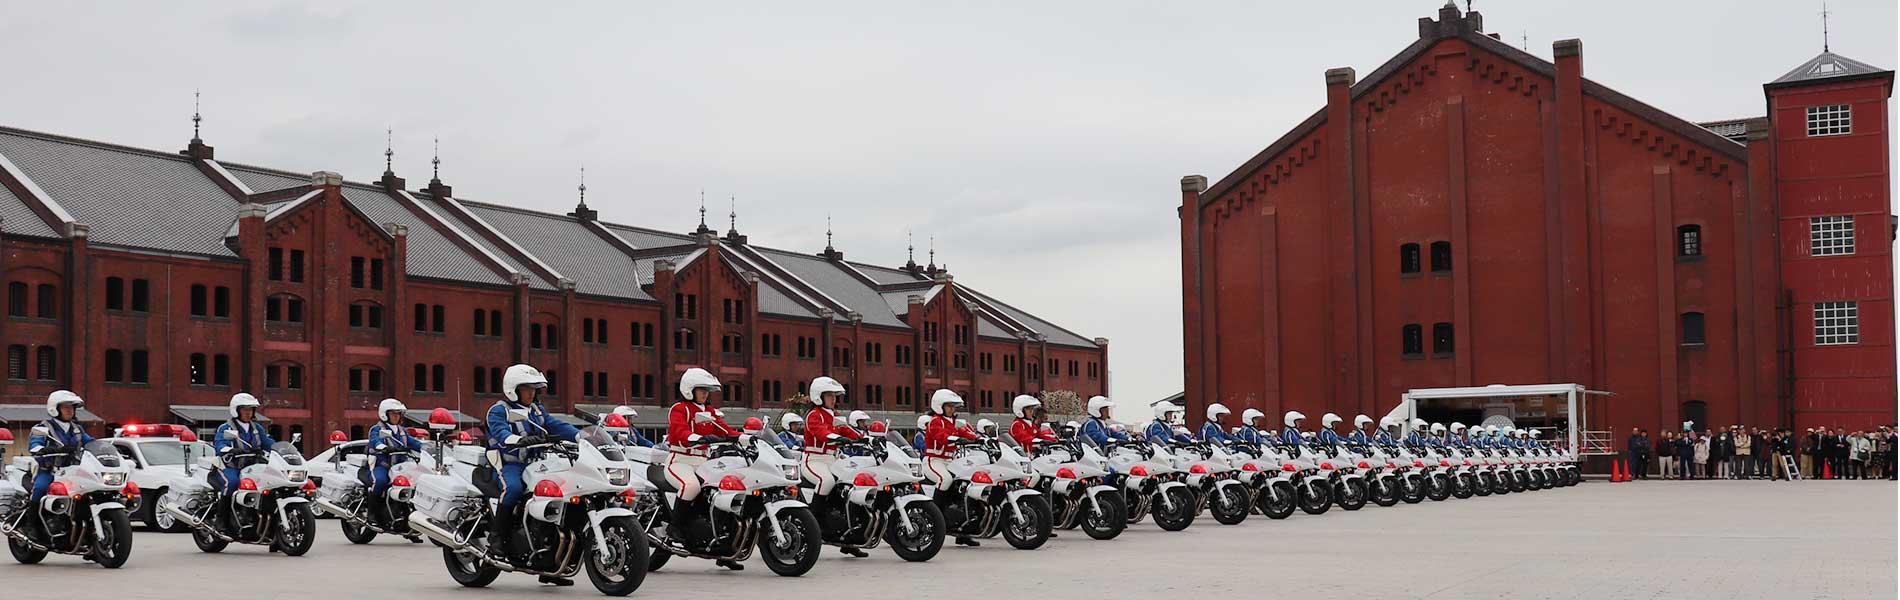 神奈川県警出動式